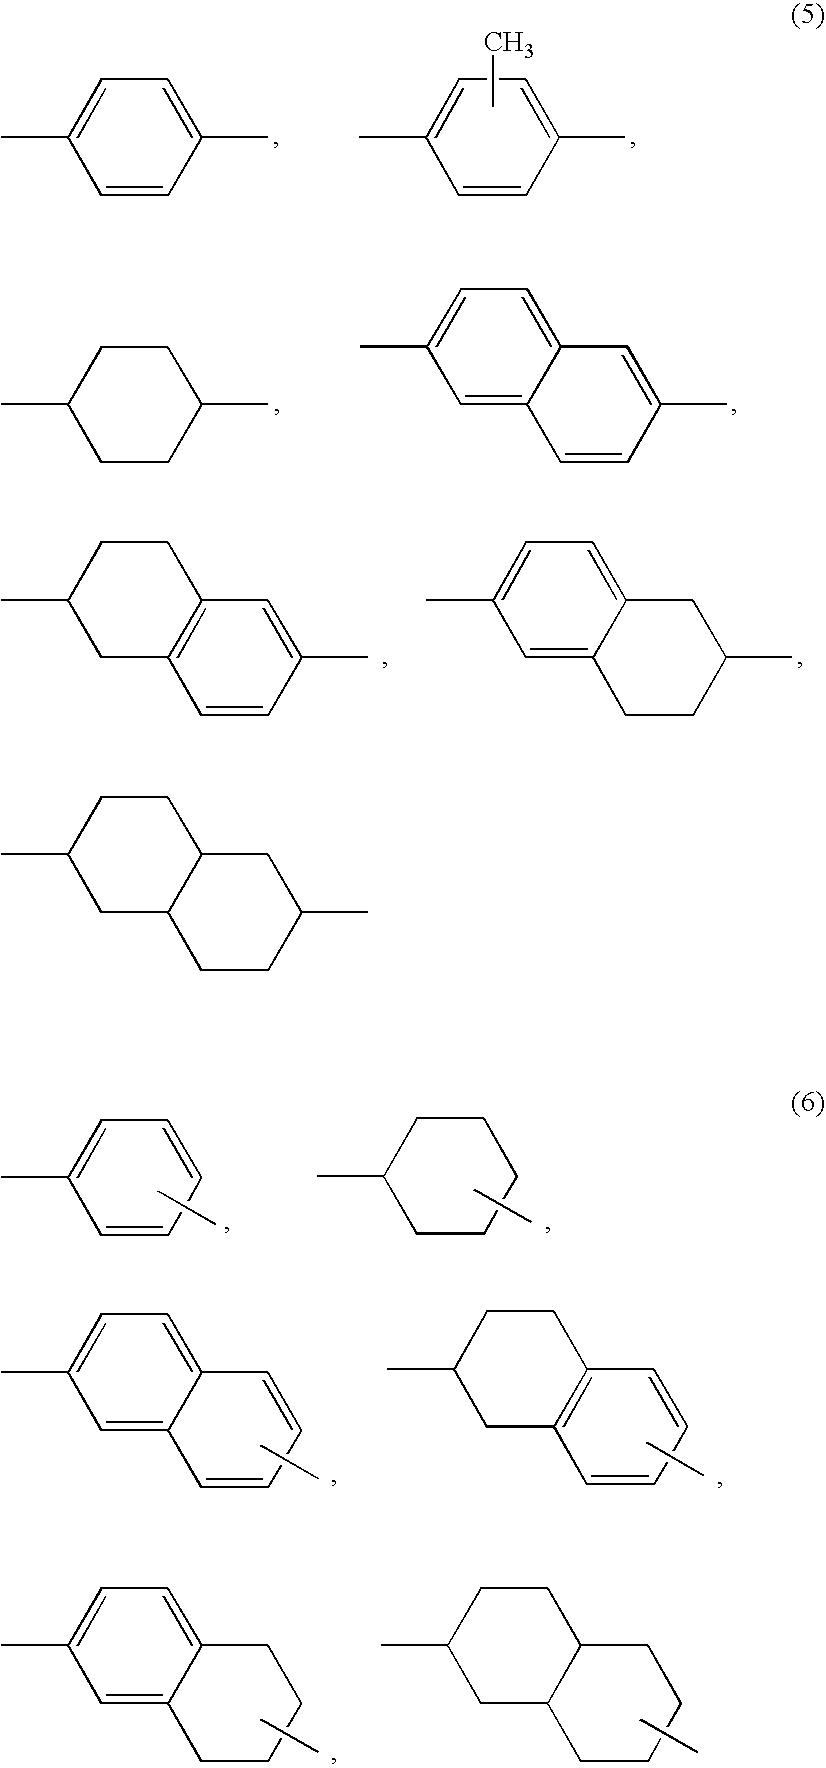 Figure US20100171916A1-20100708-C00002